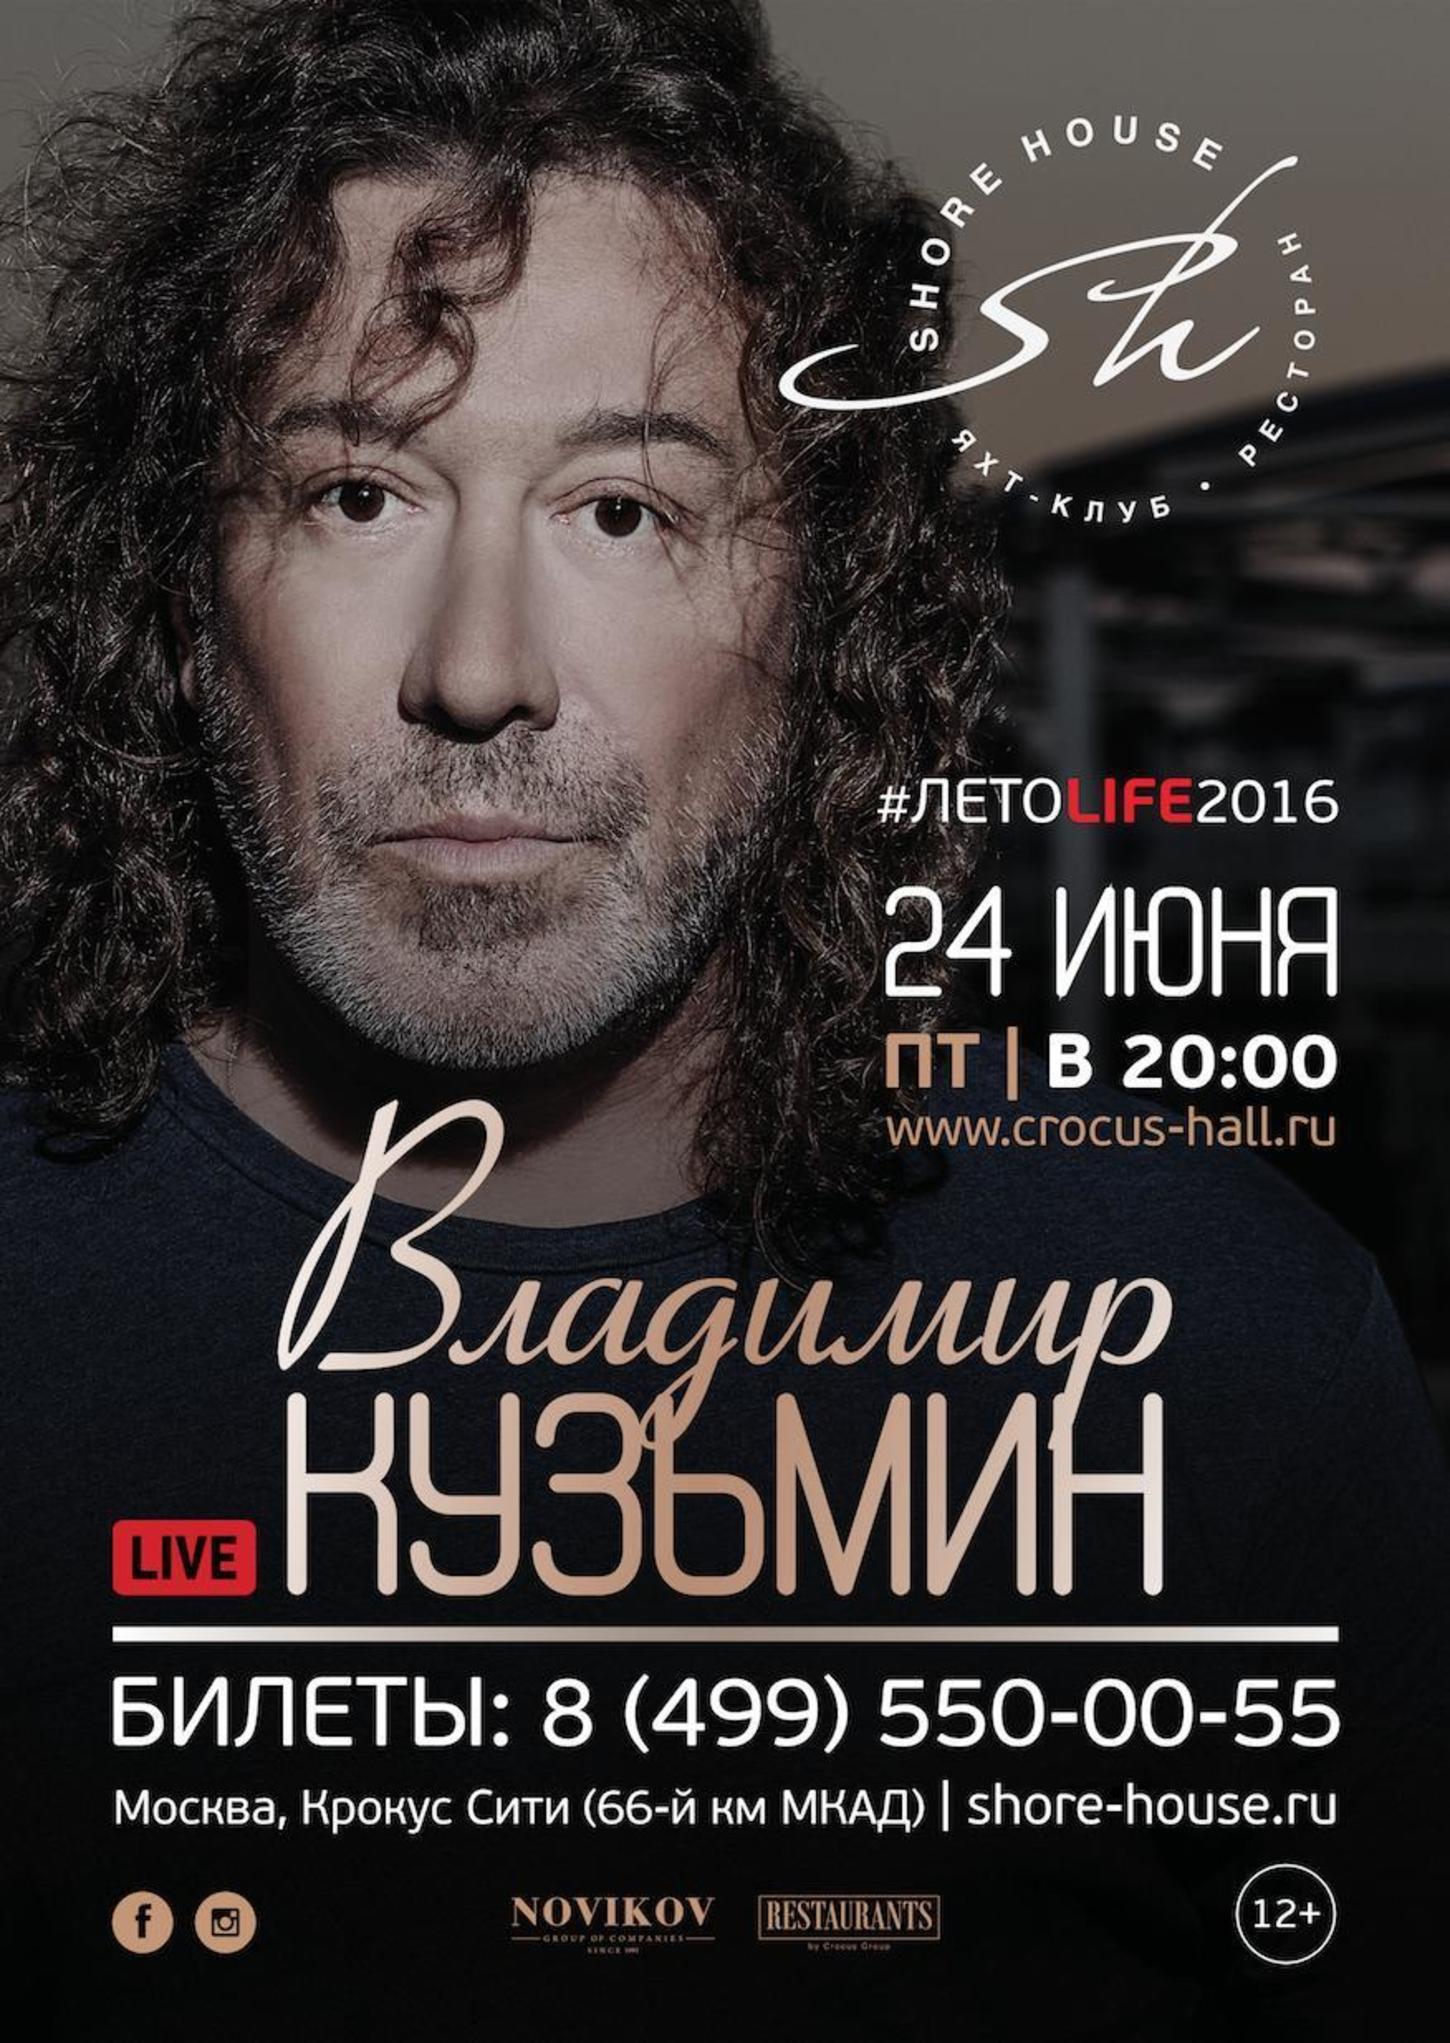 Концерты в Москве 2017билеты на концерты в Олимпийский